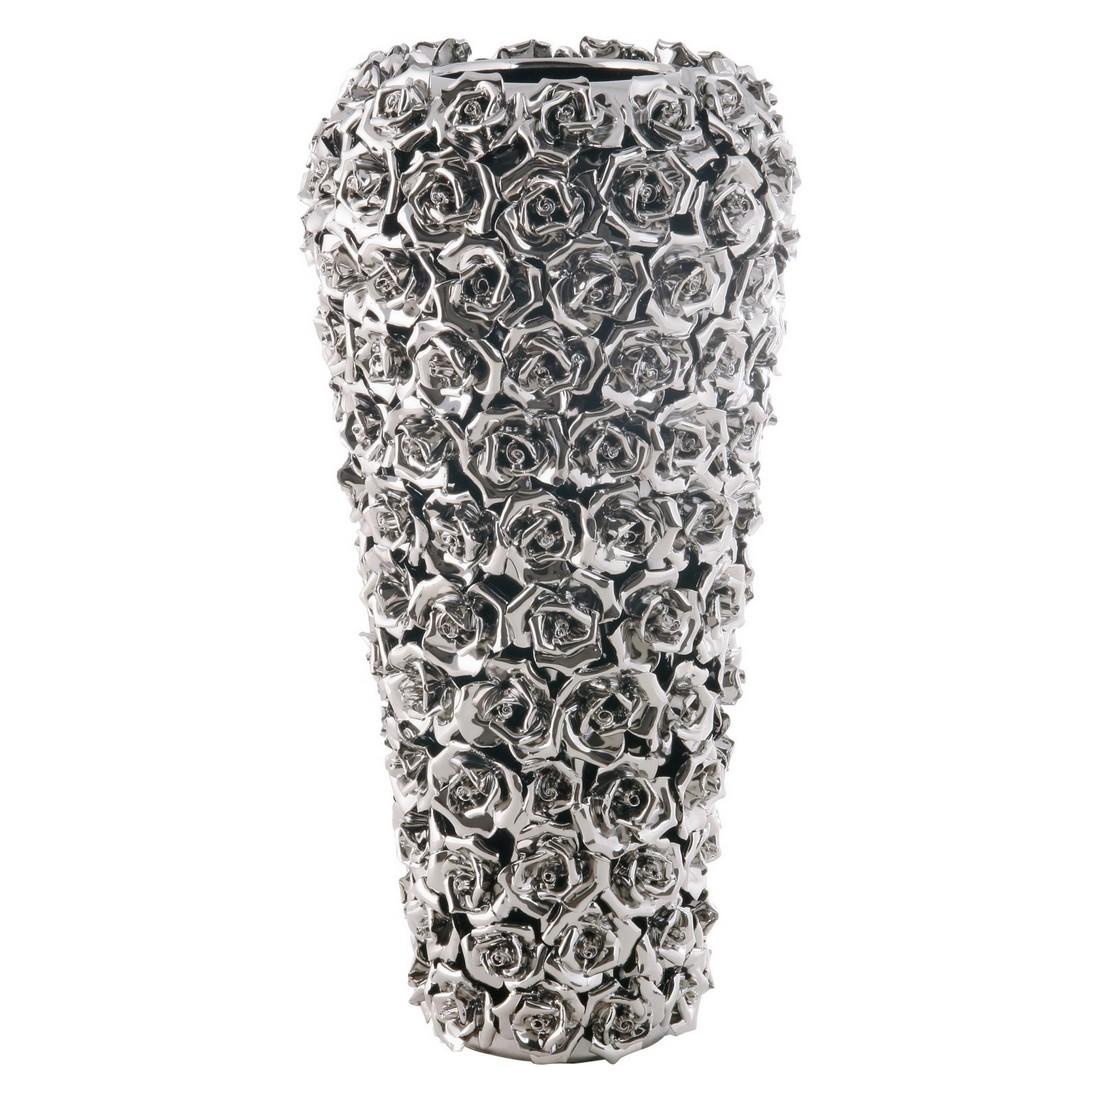 Vase Rose Multi Chrom Small – Porzellan – Handarbeit Grau, Kare Design günstig bestellen